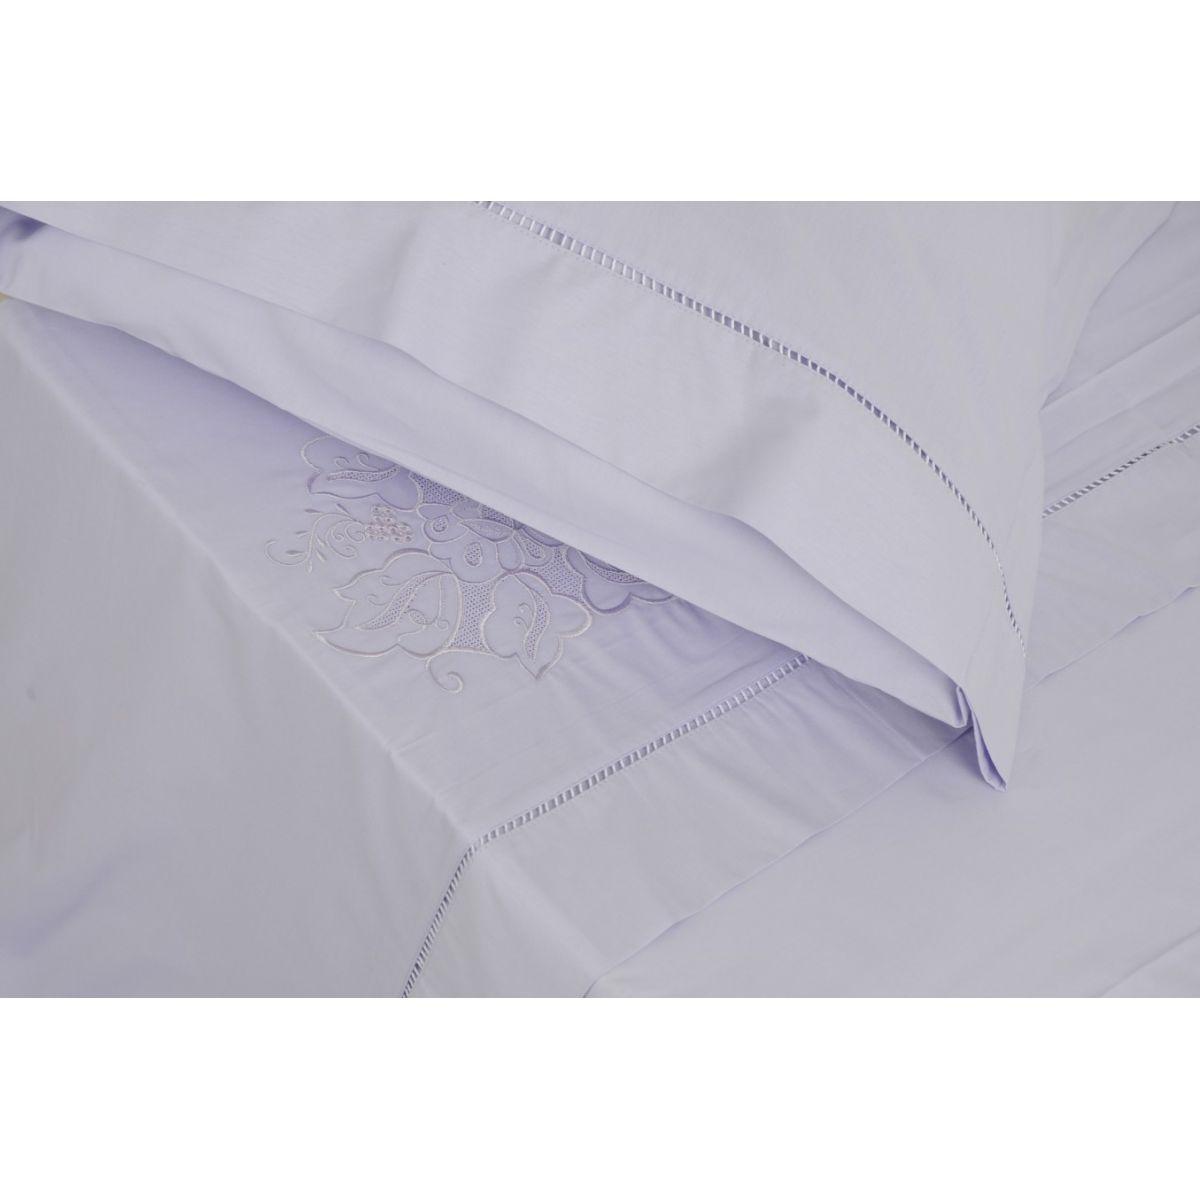 Roupa de Cama Bordada Bordado Português Cor Branco/Branco  - Helô Reis